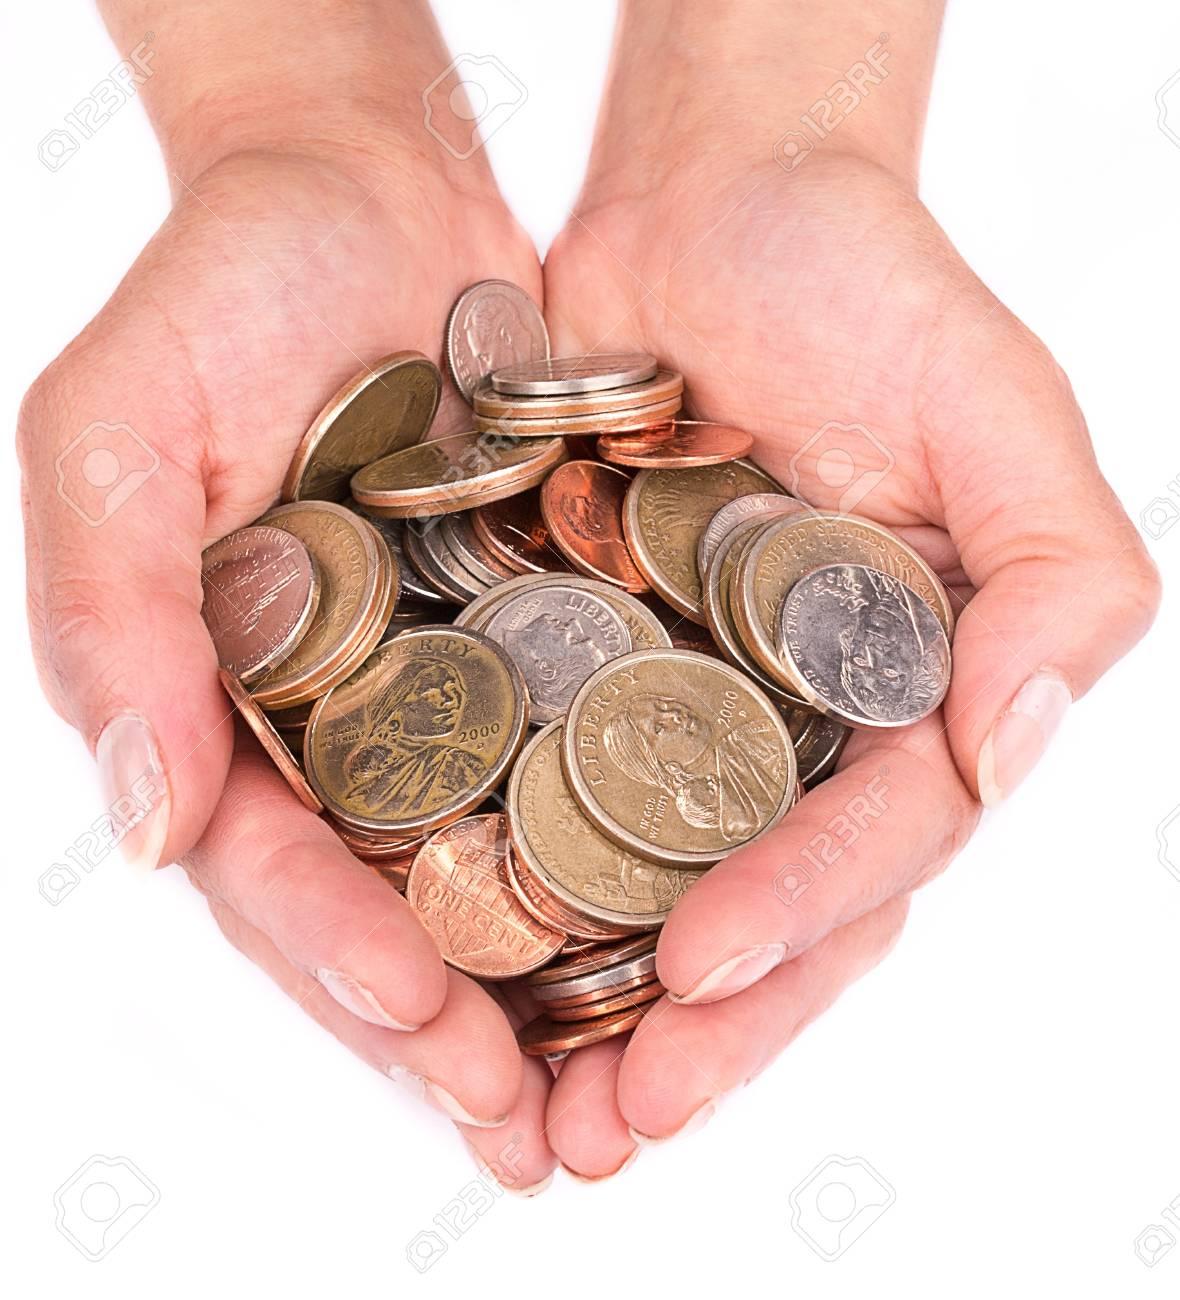 Αποτέλεσμα εικόνας για HAND WITH COINS